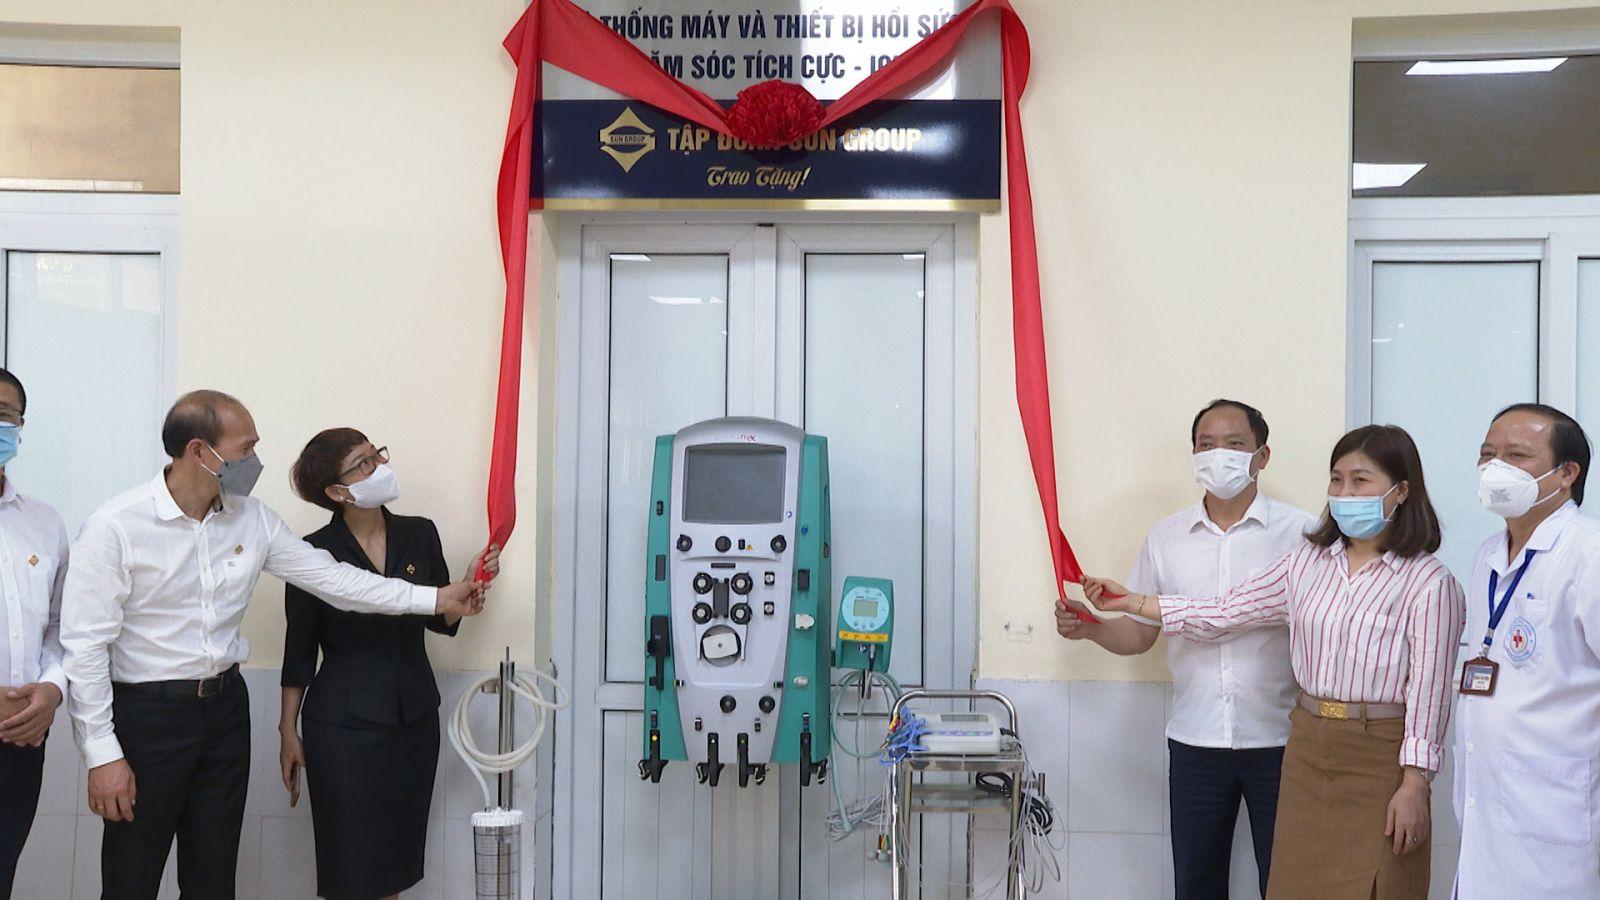 Lễ bàn giao hệ thống máy và thiết bị hồi sức tích cực của Sun Group cho BVĐK Hưng Yên (4)